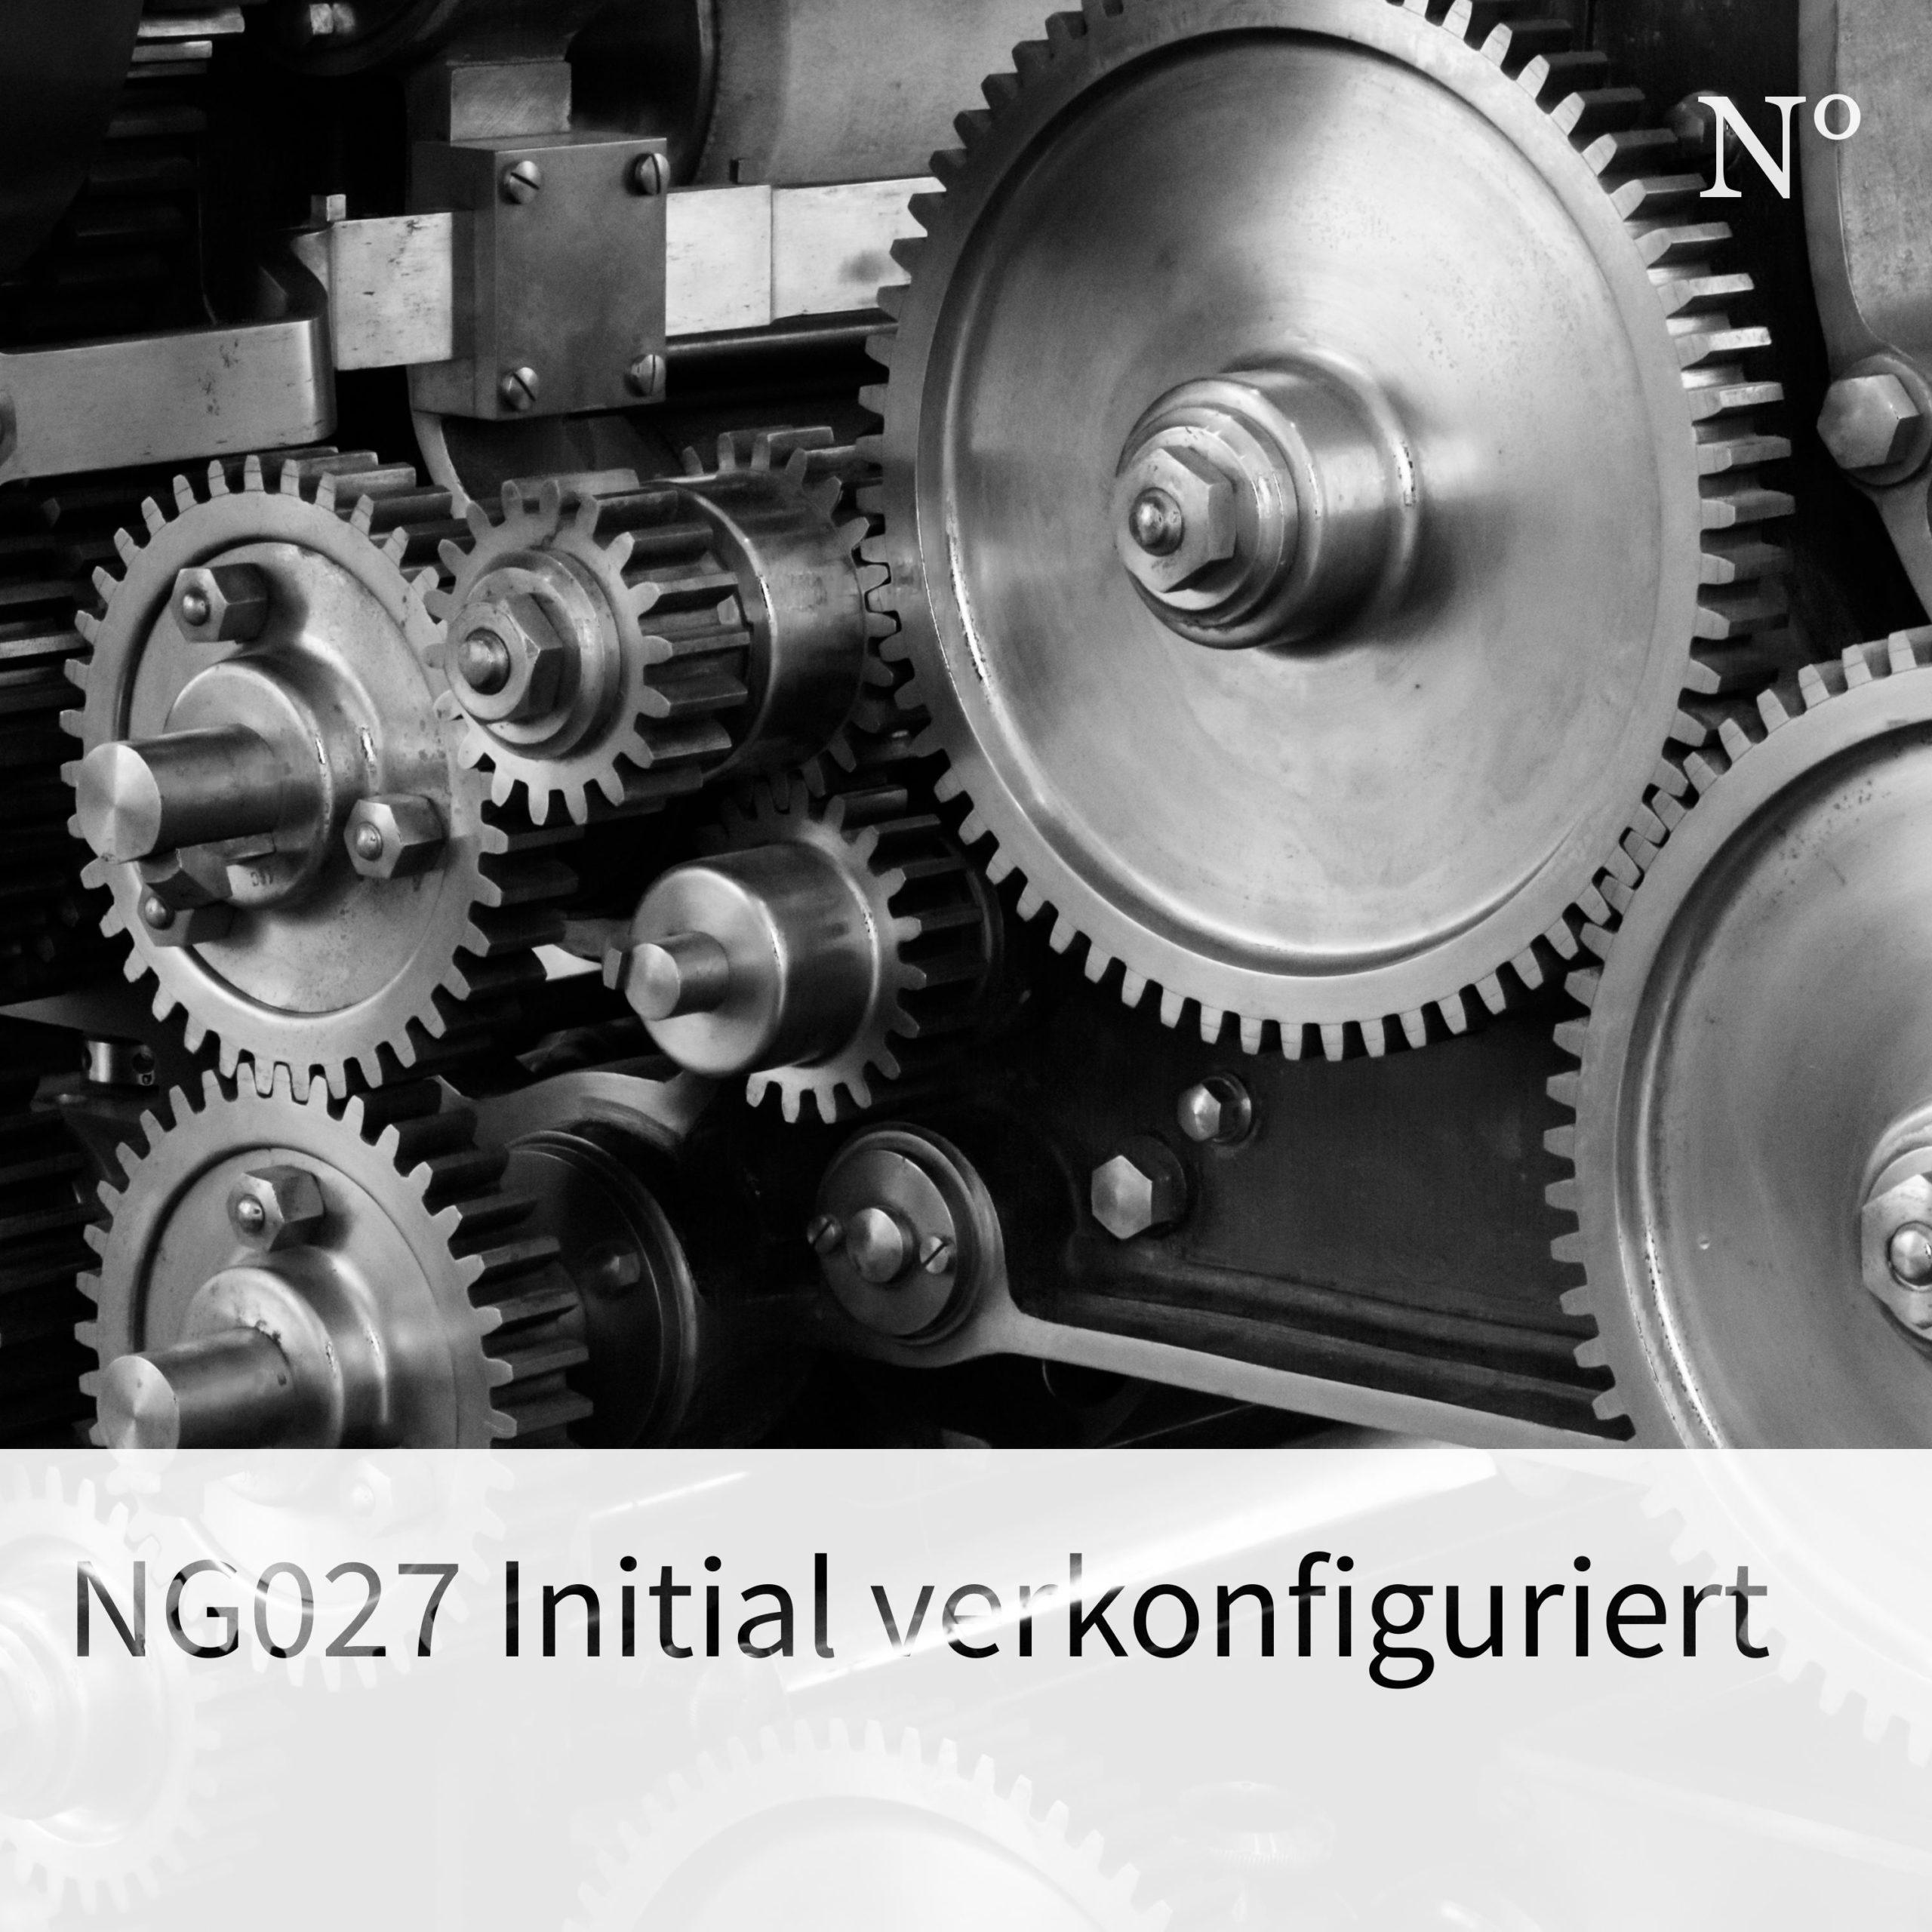 NG027 Initial verkonfiguriert